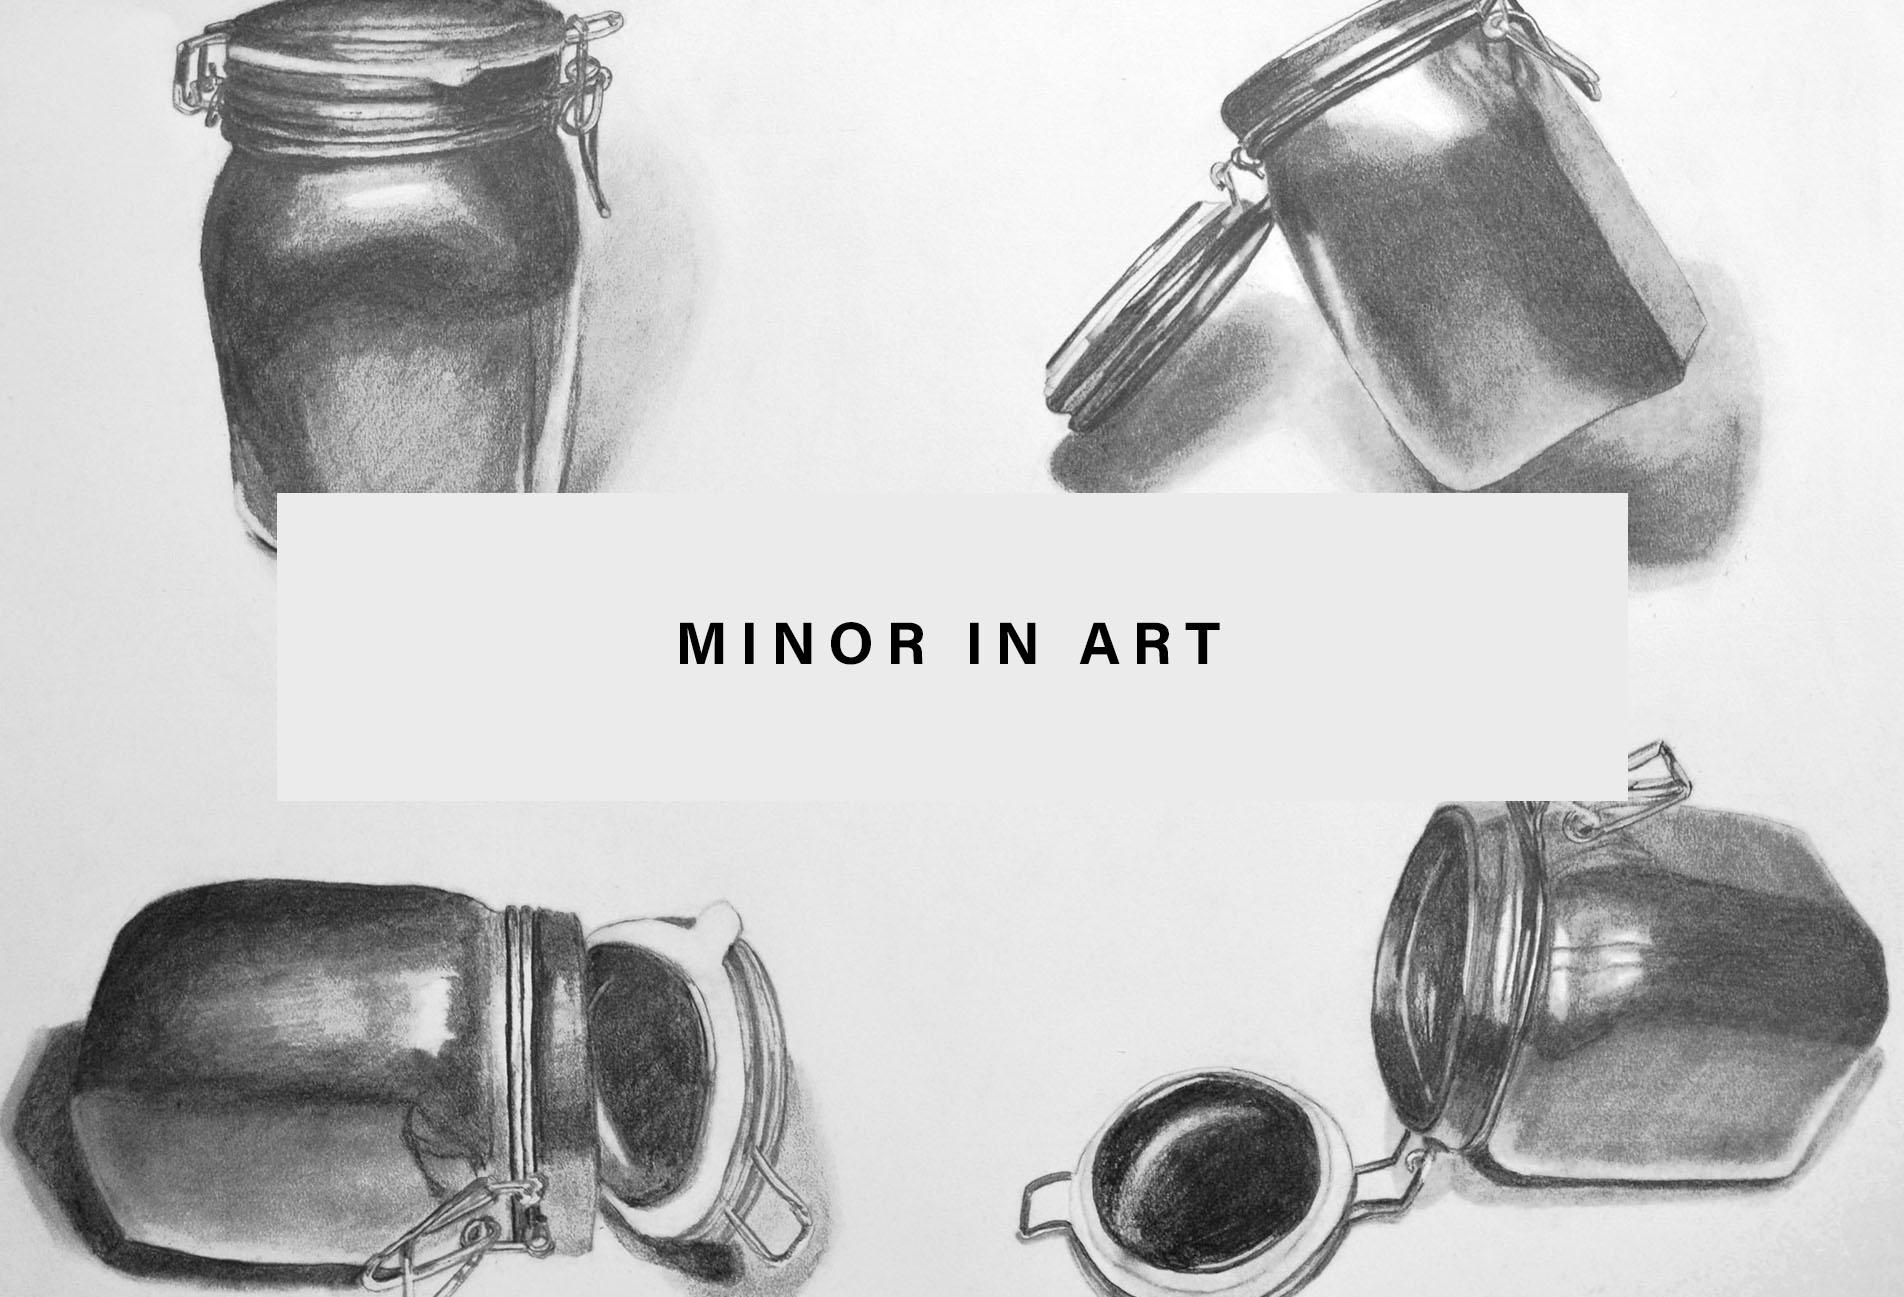 minor in art.jpg